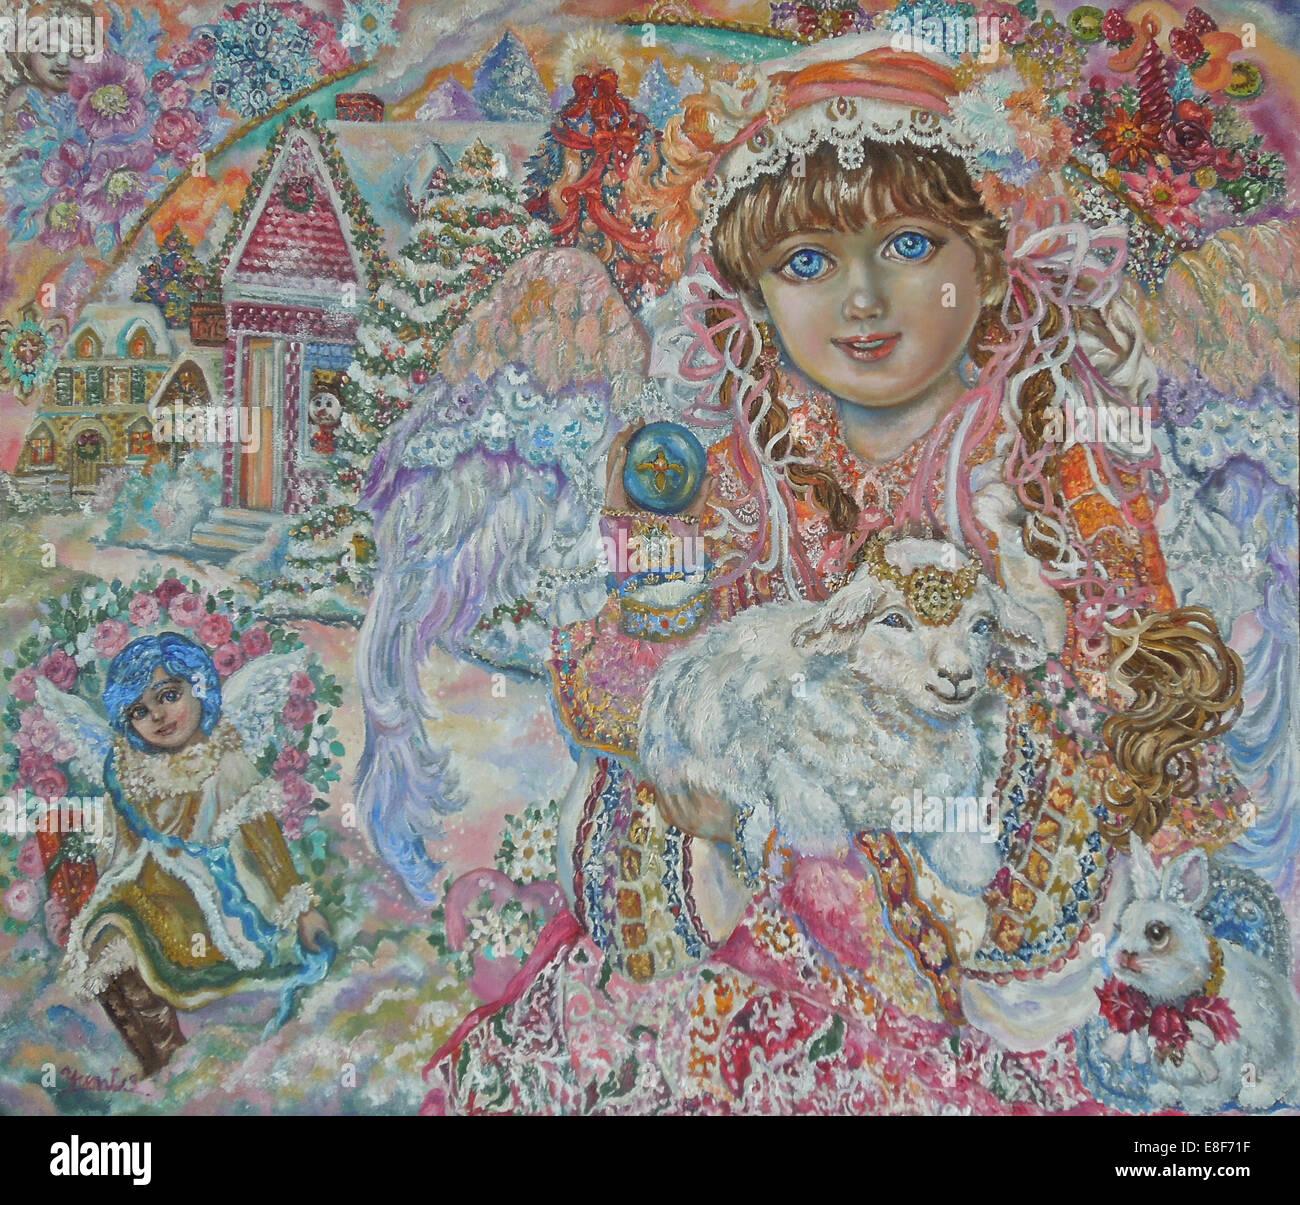 Engel mit Lamb Of God. Künstler: Sugai, Yumi Stockbild